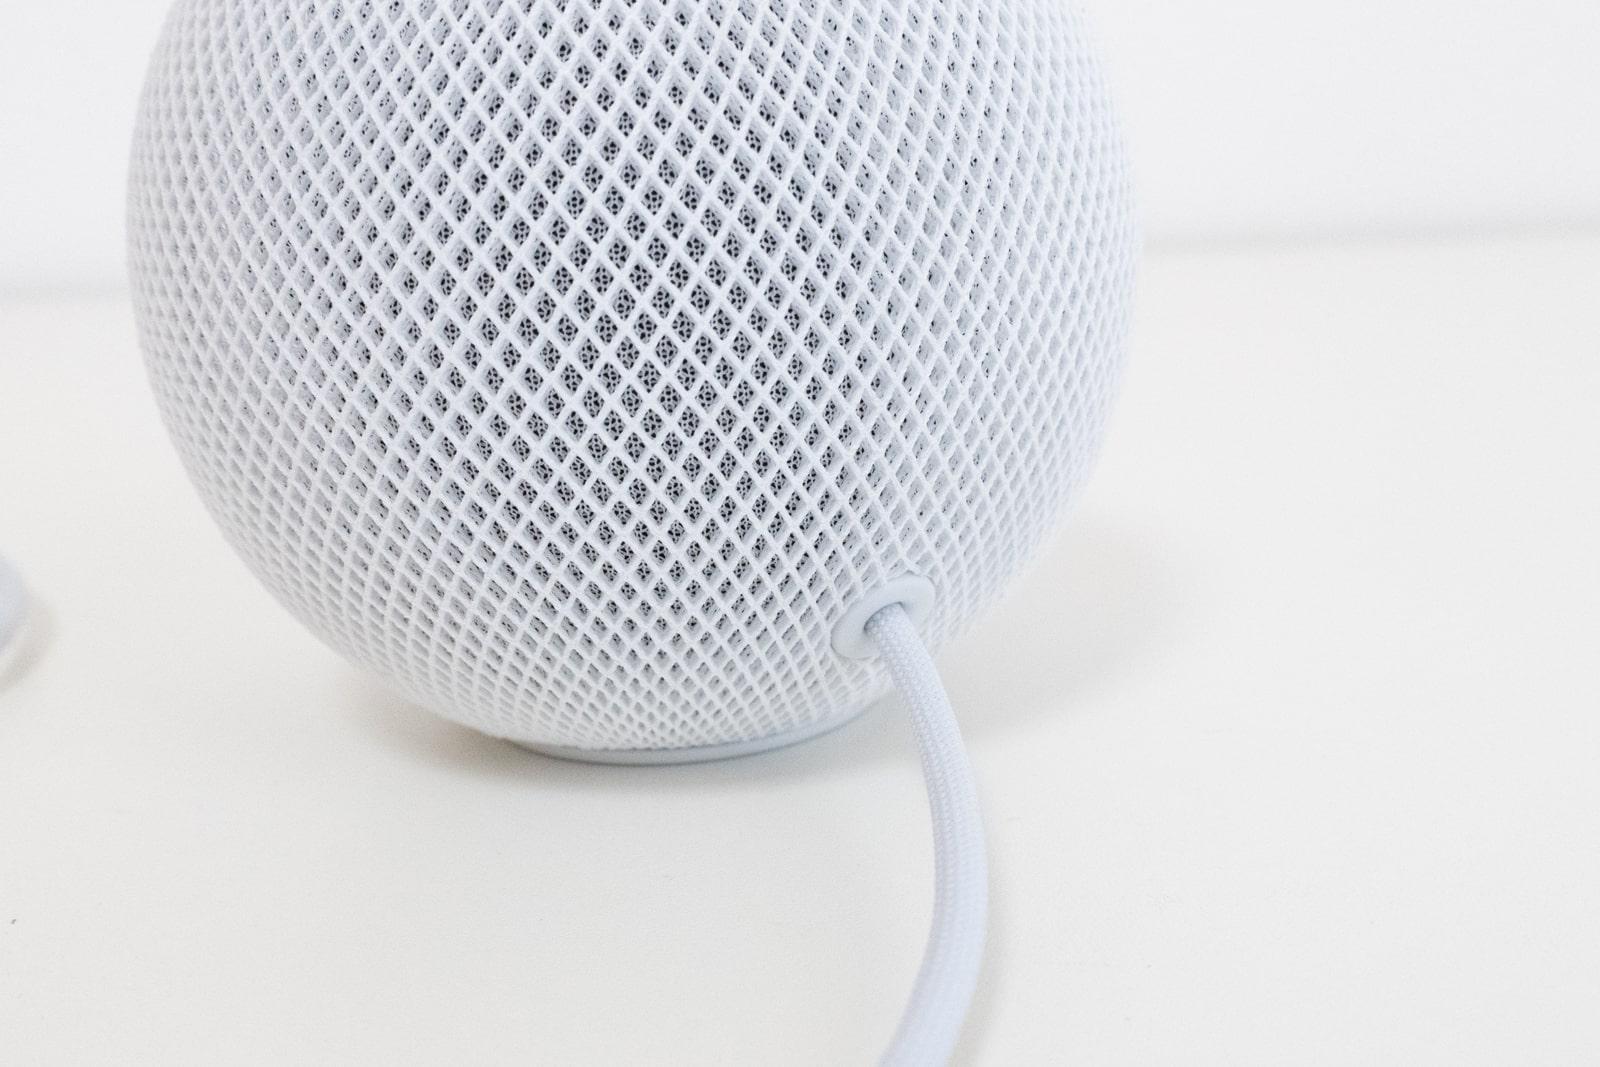 ポッド ミニ ホーム アップルの「HomePod mini」は、完璧に近いスマートスピーカーとして急浮上した:製品レヴュー